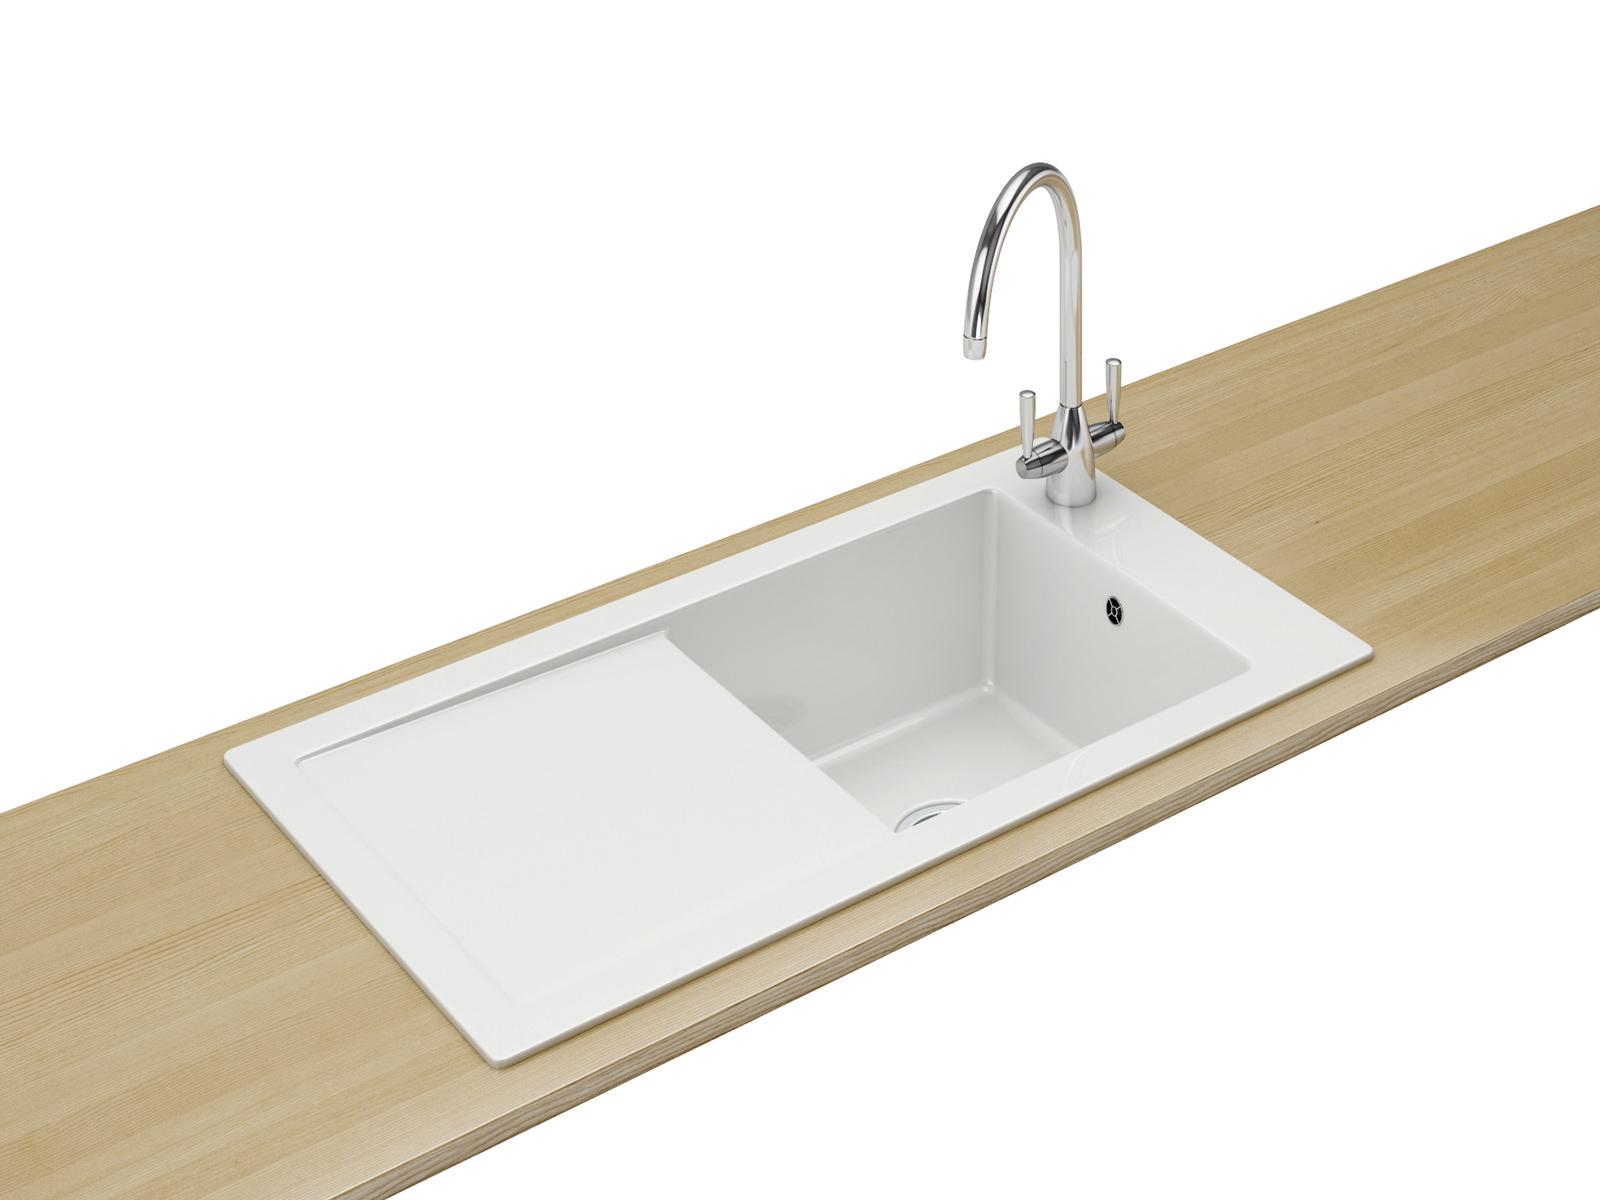 Franke Inset Sink : Franke Aspen ANK 611 Ceramic White 1.0 Bowl Inset Sink 124.0318.857